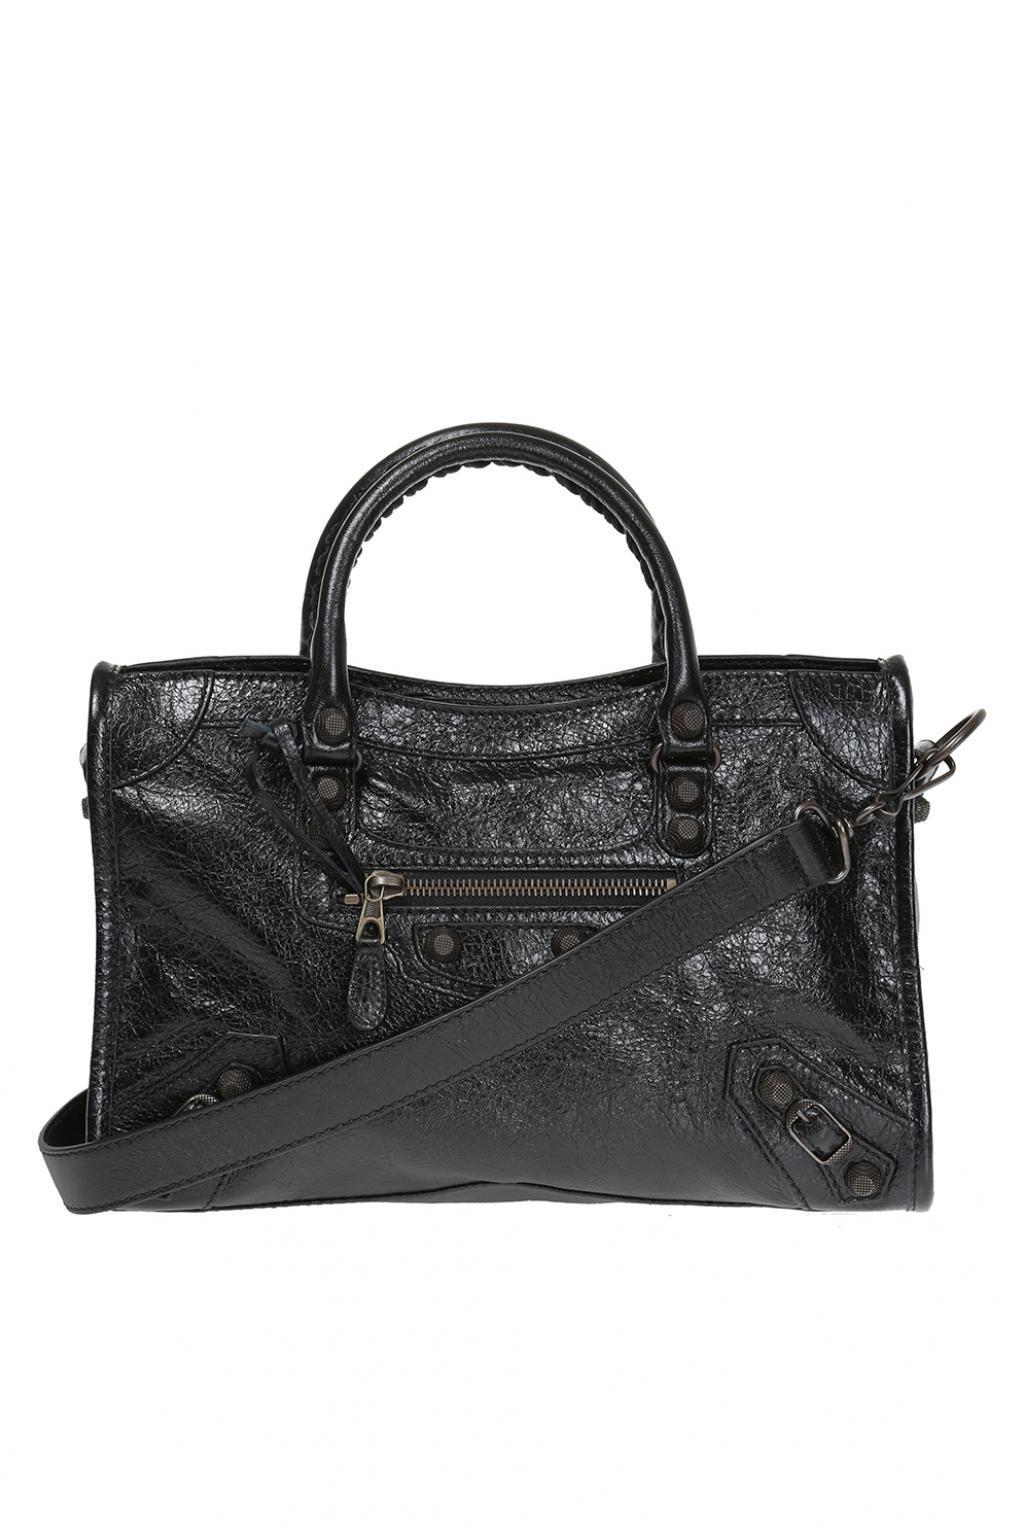 Lyst - Balenciaga  giant 12 City  Shoulder Bag in Black 20a3020334fce